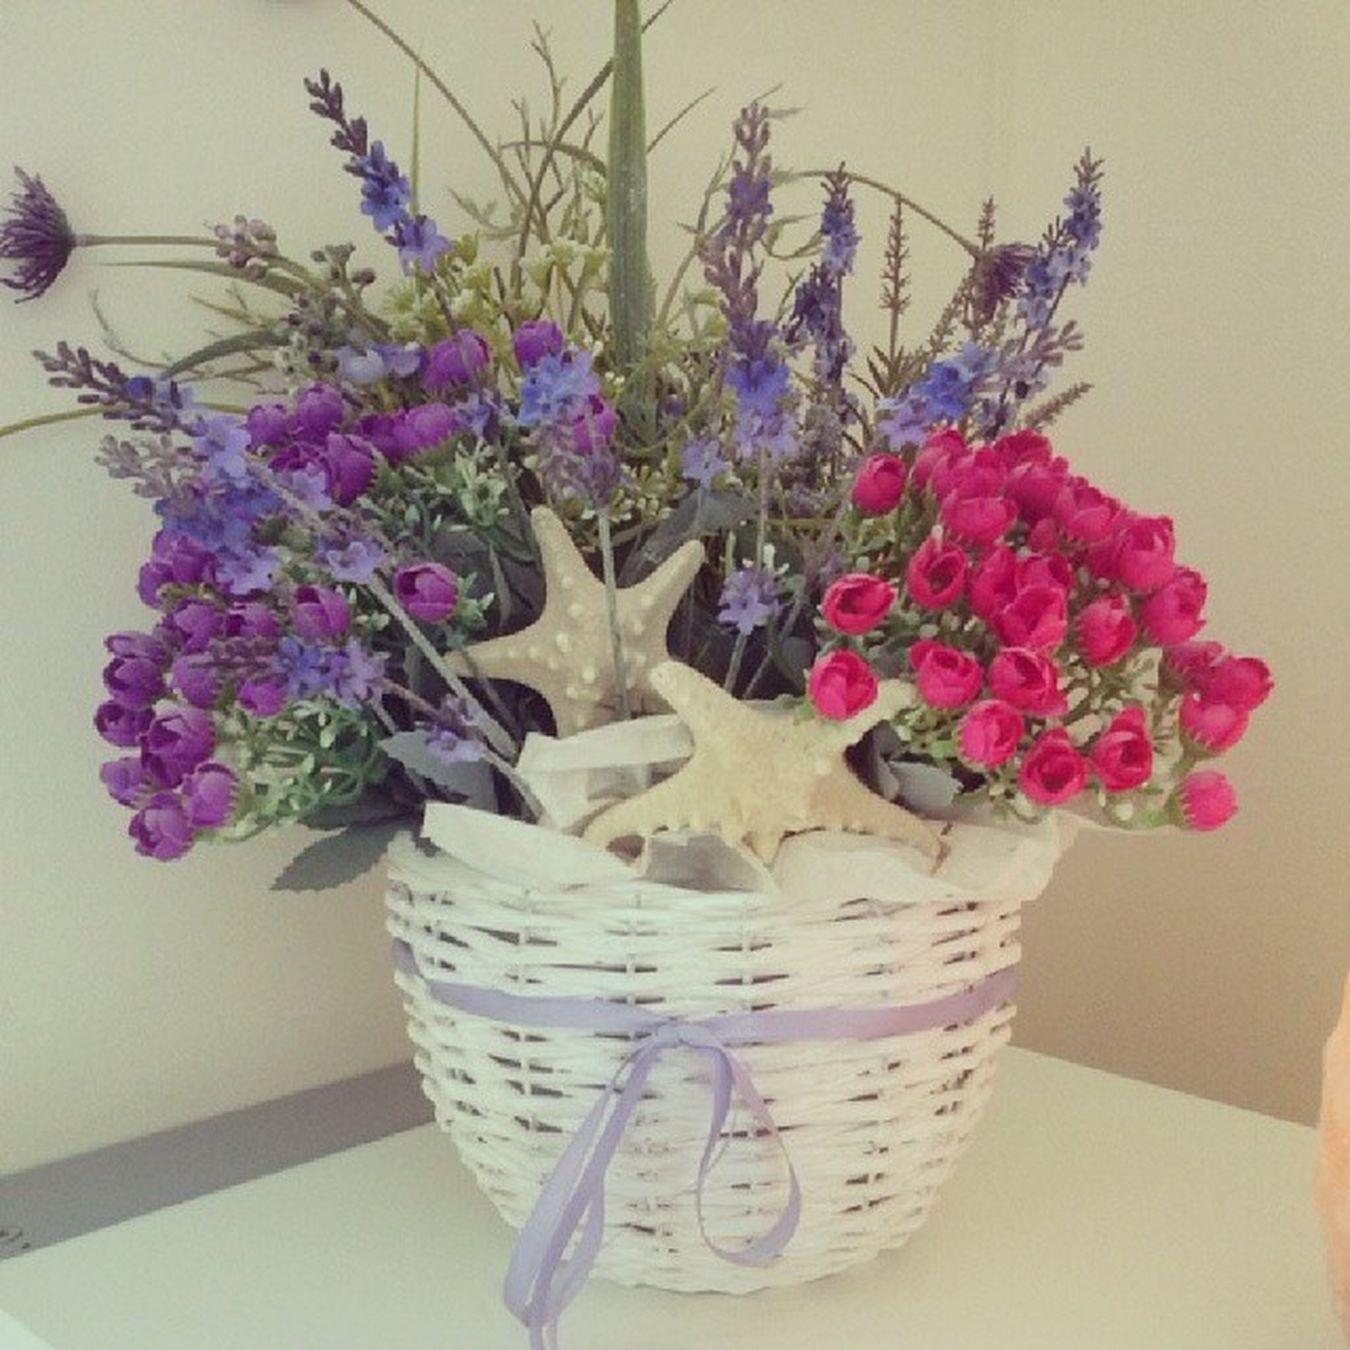 Arrediamo il negozio per la bella stagione! Composizione Floreale Fiori Colori Lilla Fucsia Viola Primavera Yo